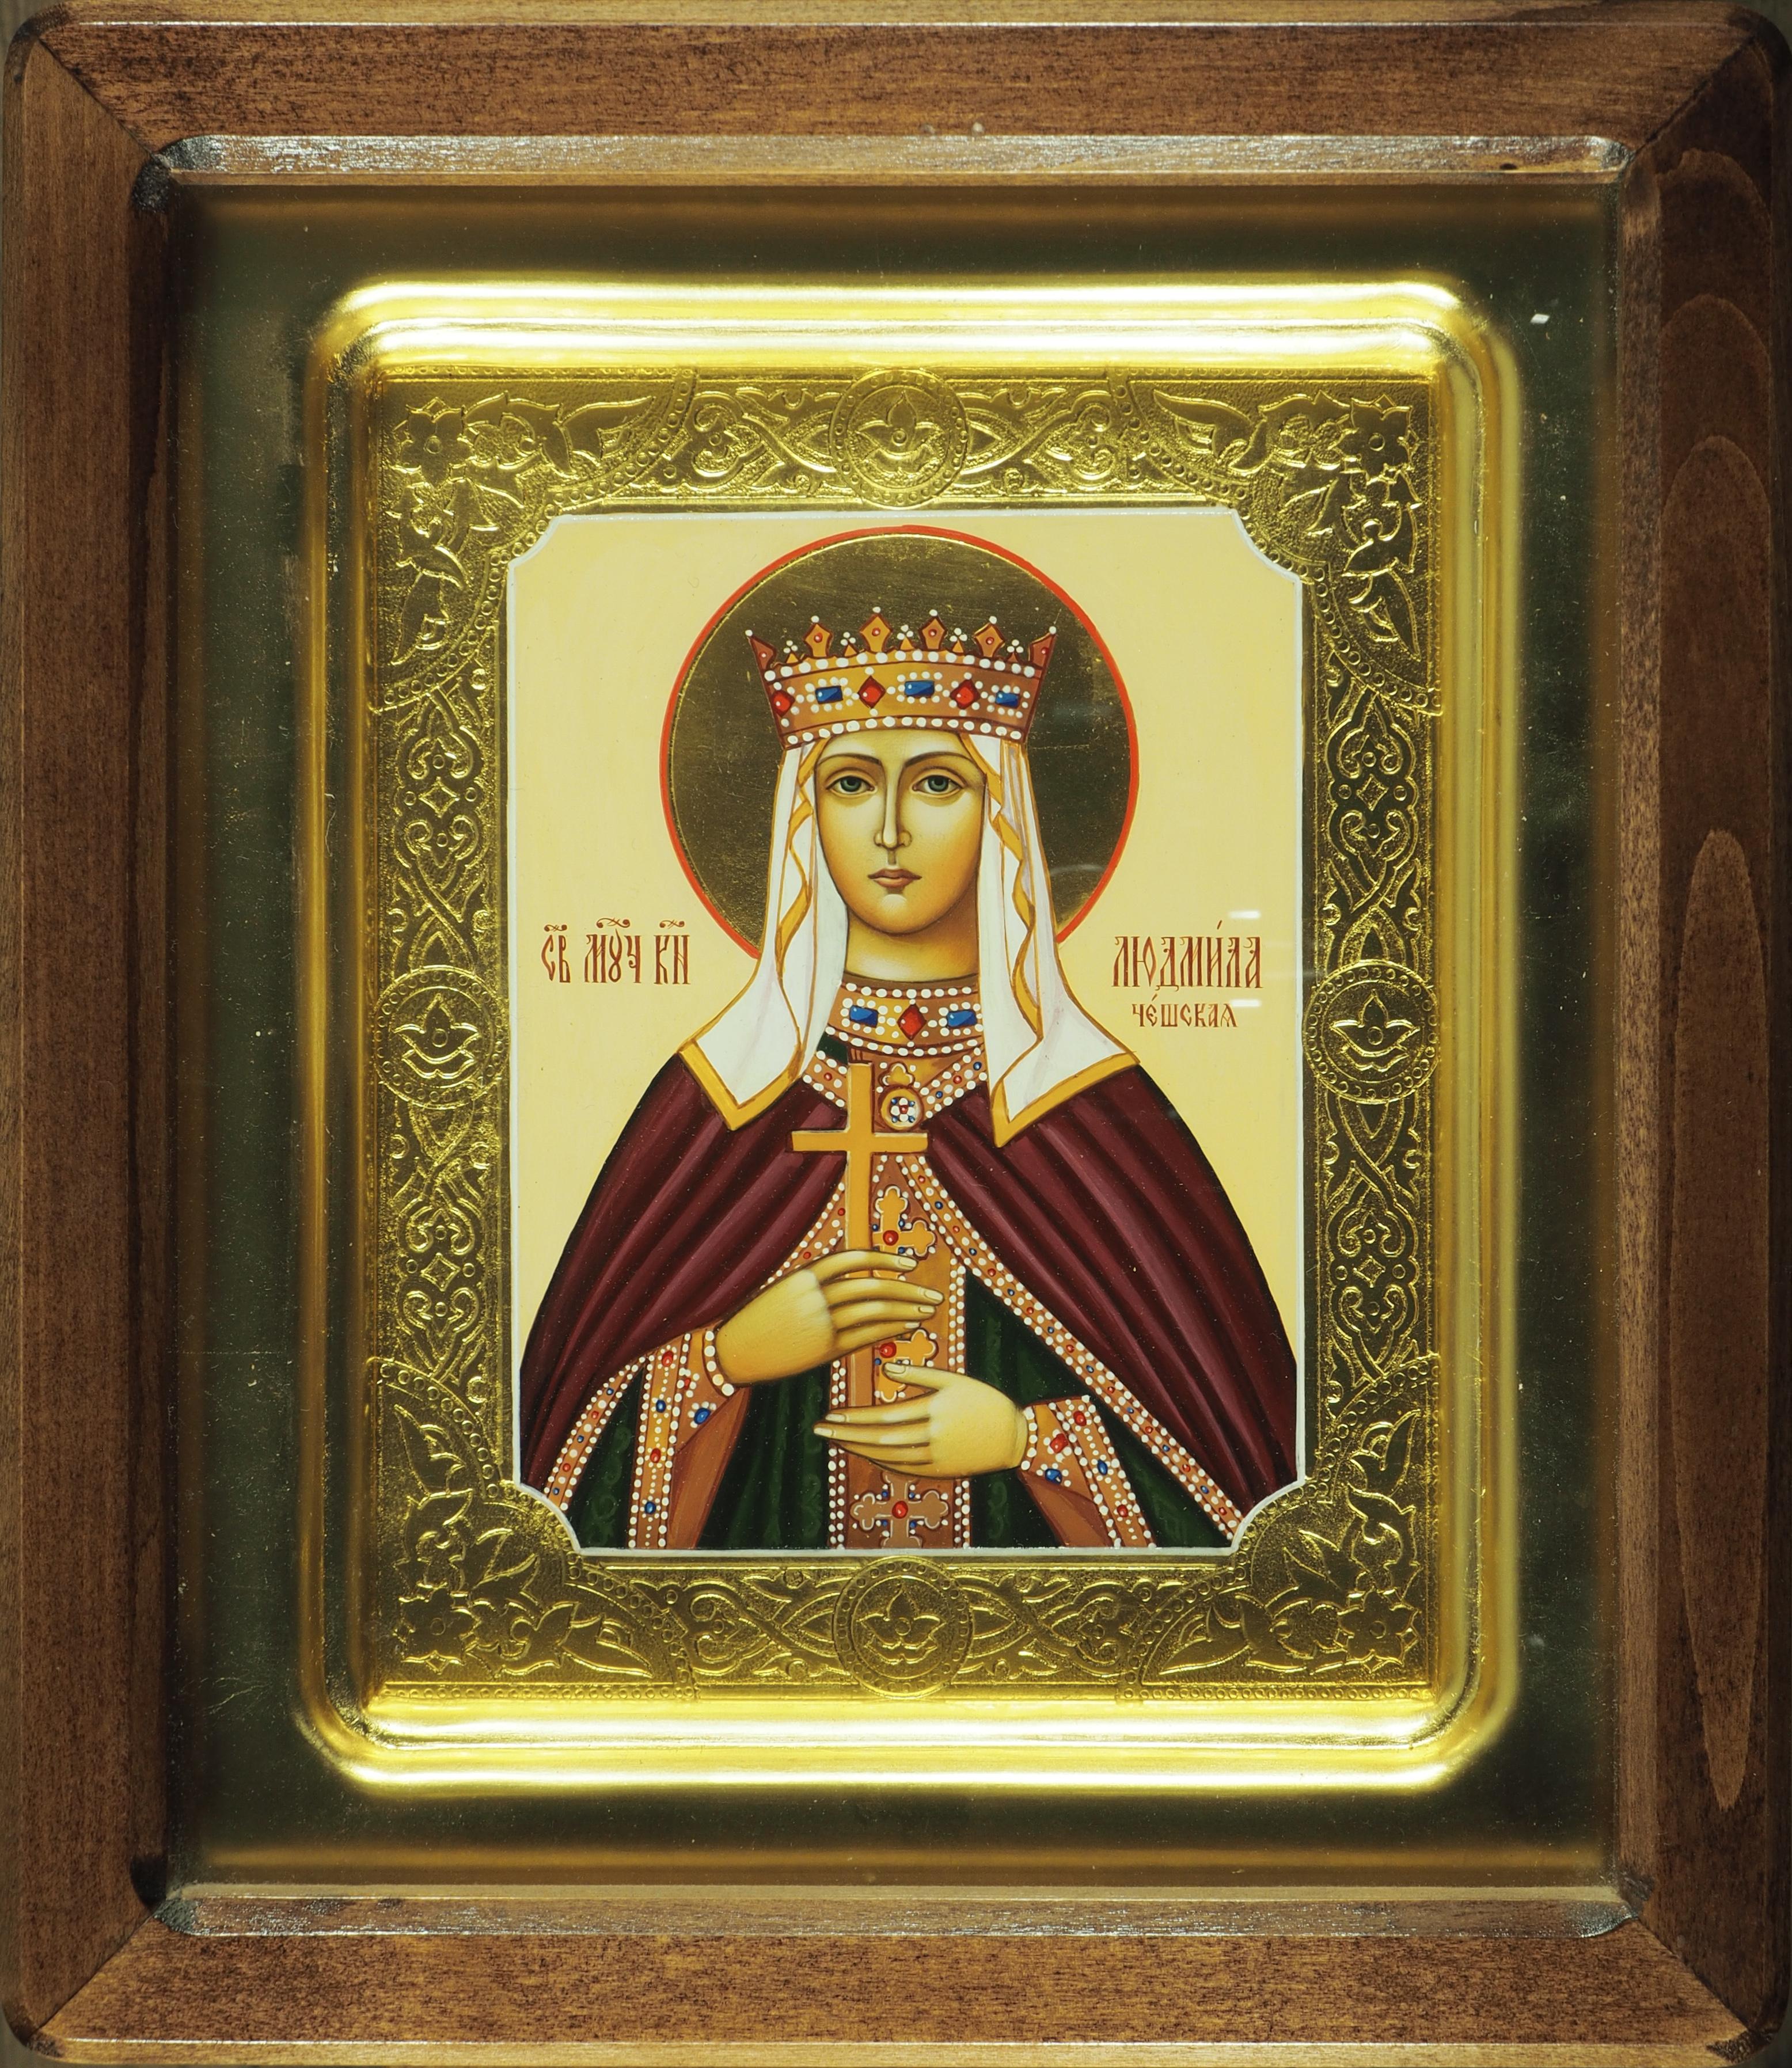 икона святой людмилы фото и значение построить непосредственно две